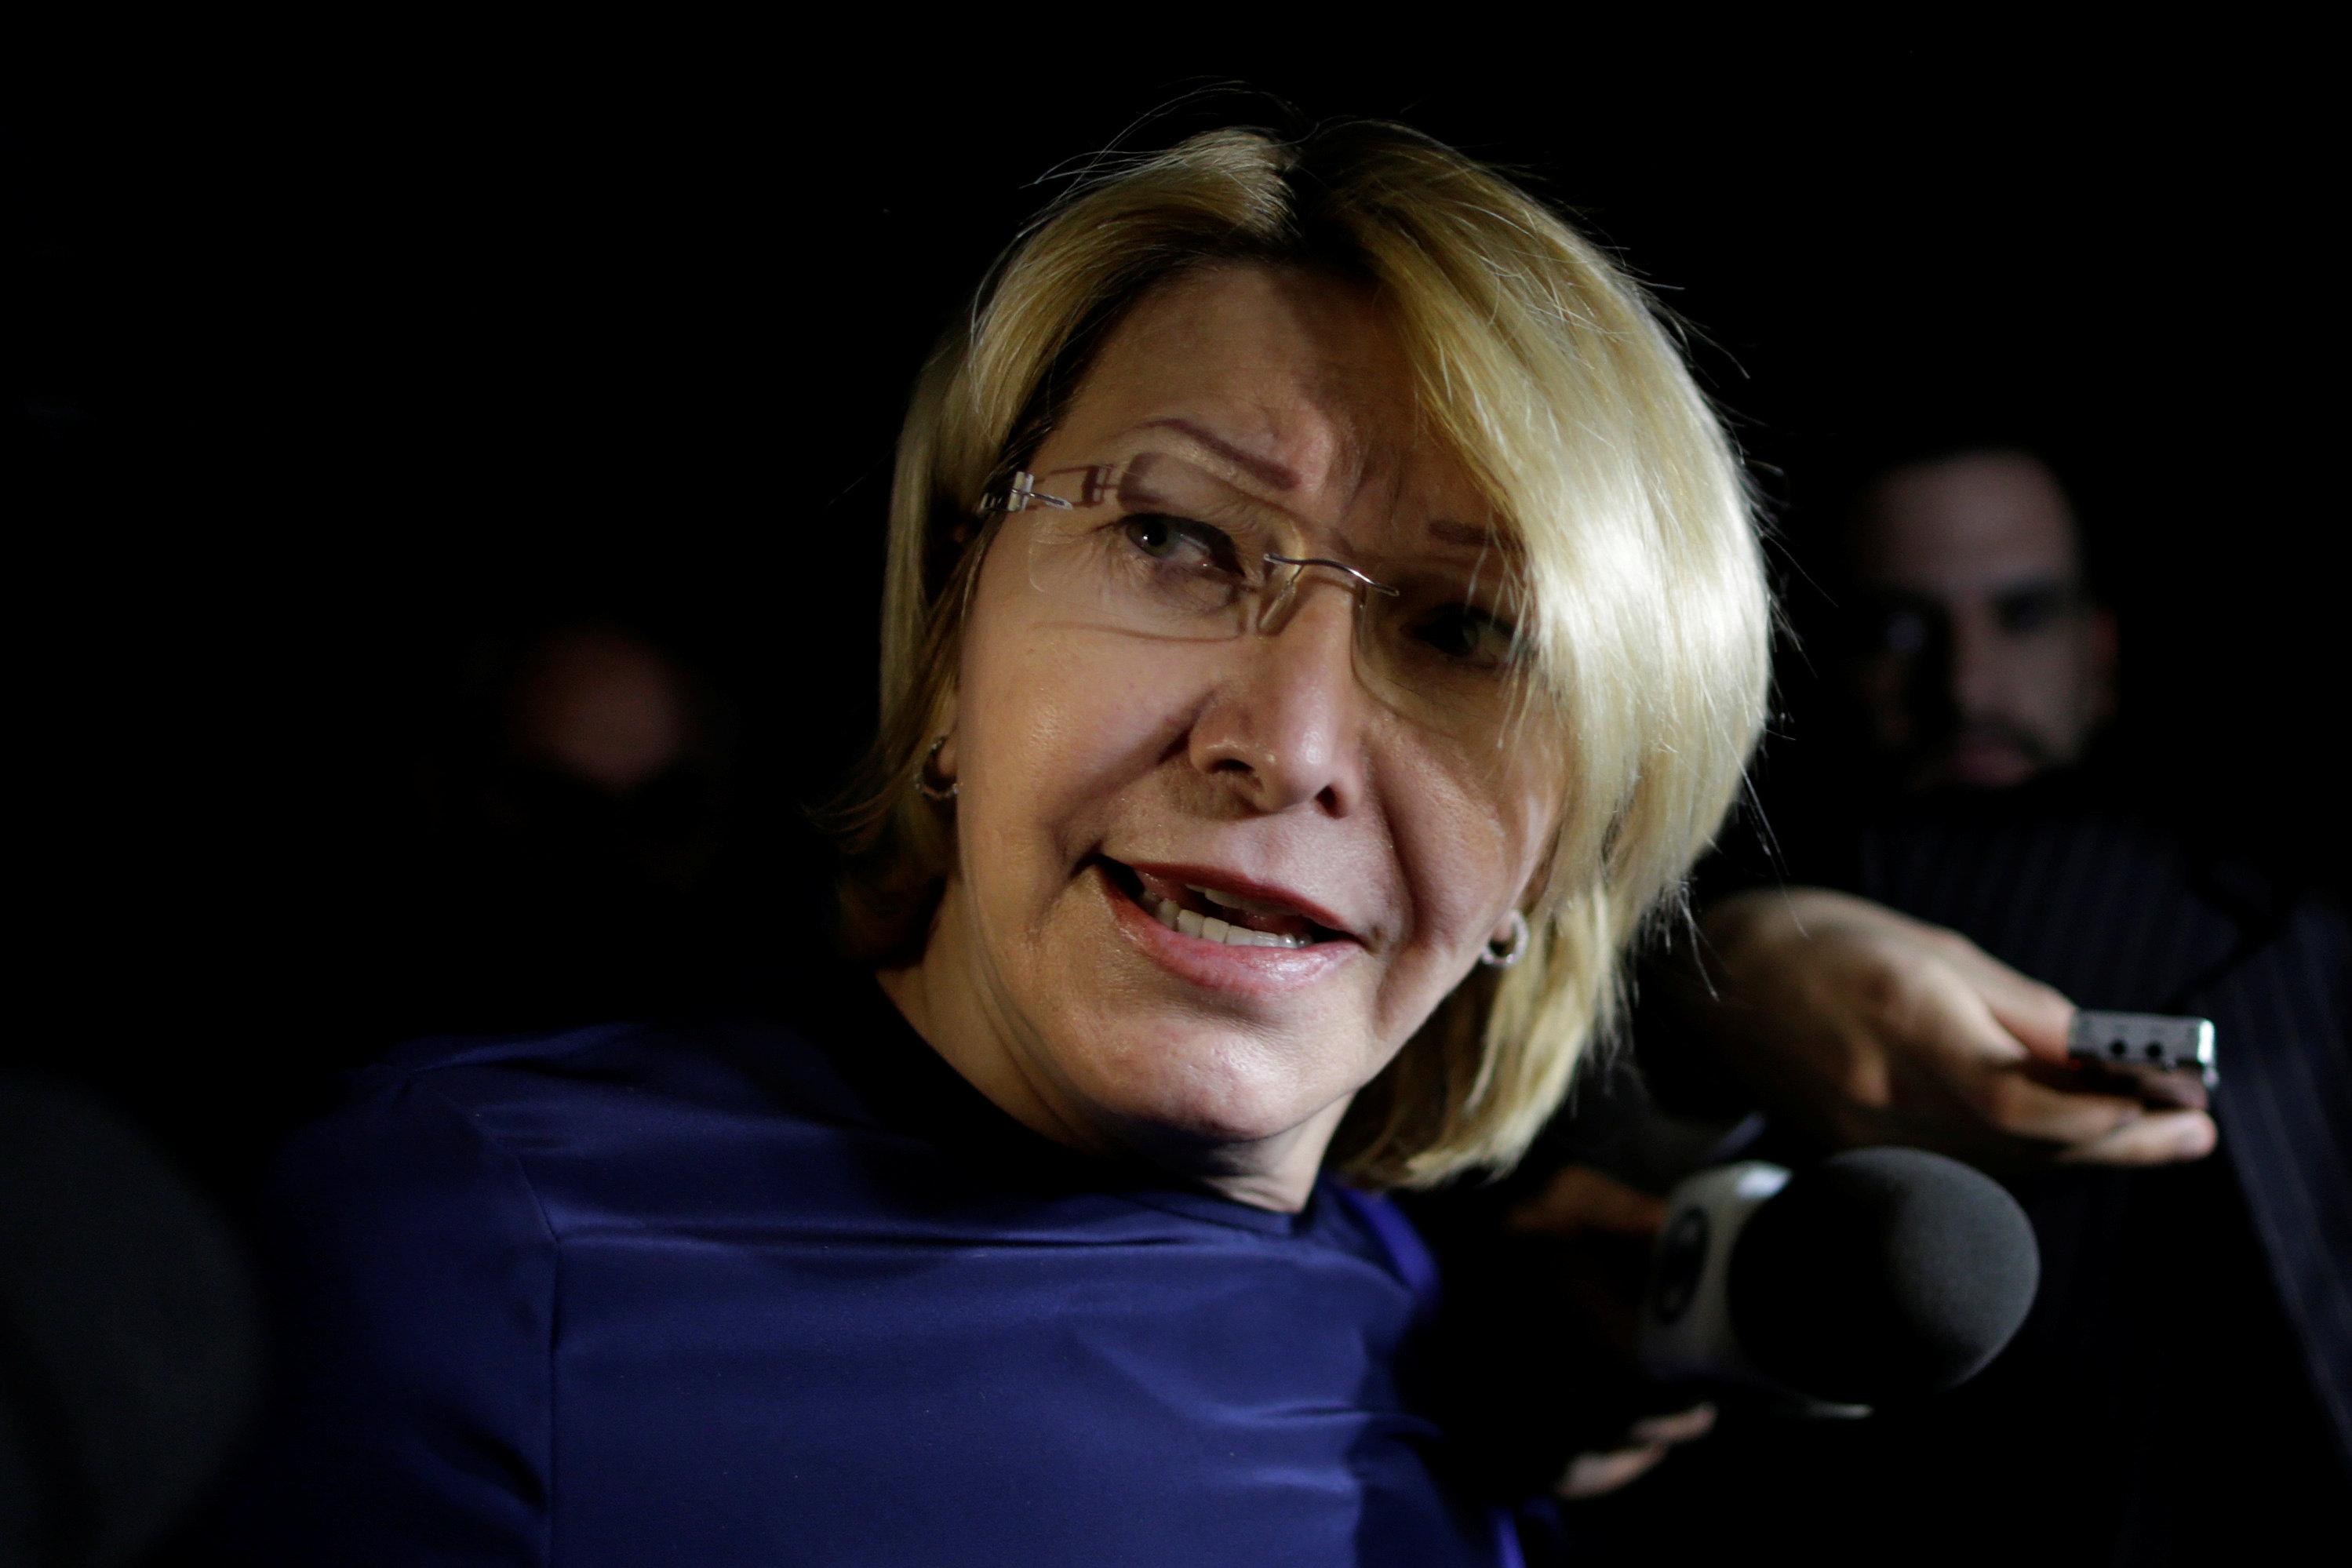 17/ 8 La fiscal general de Venezuela Luisa Ortega Díaz deja el país por las amenazas del régimen de Nicolás Maduro contra su familia